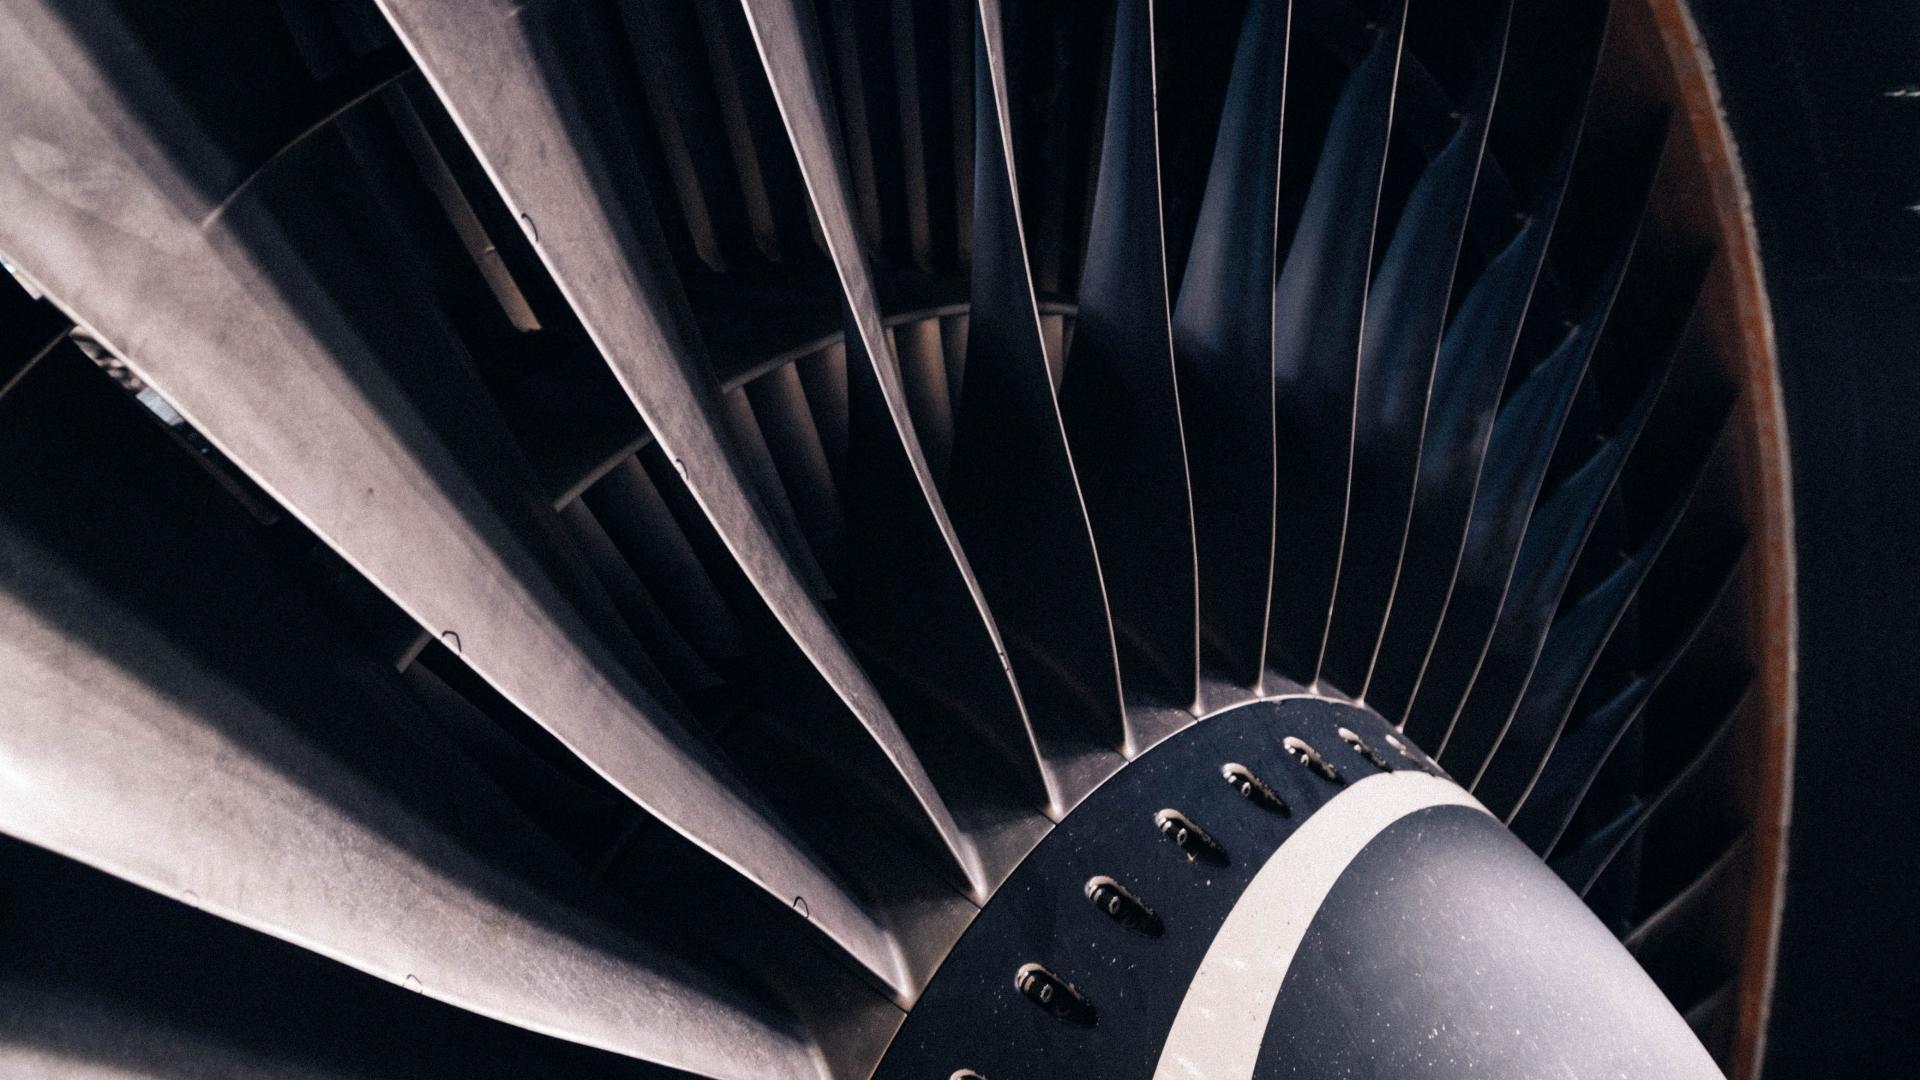 IAG Engine Center Europe Original